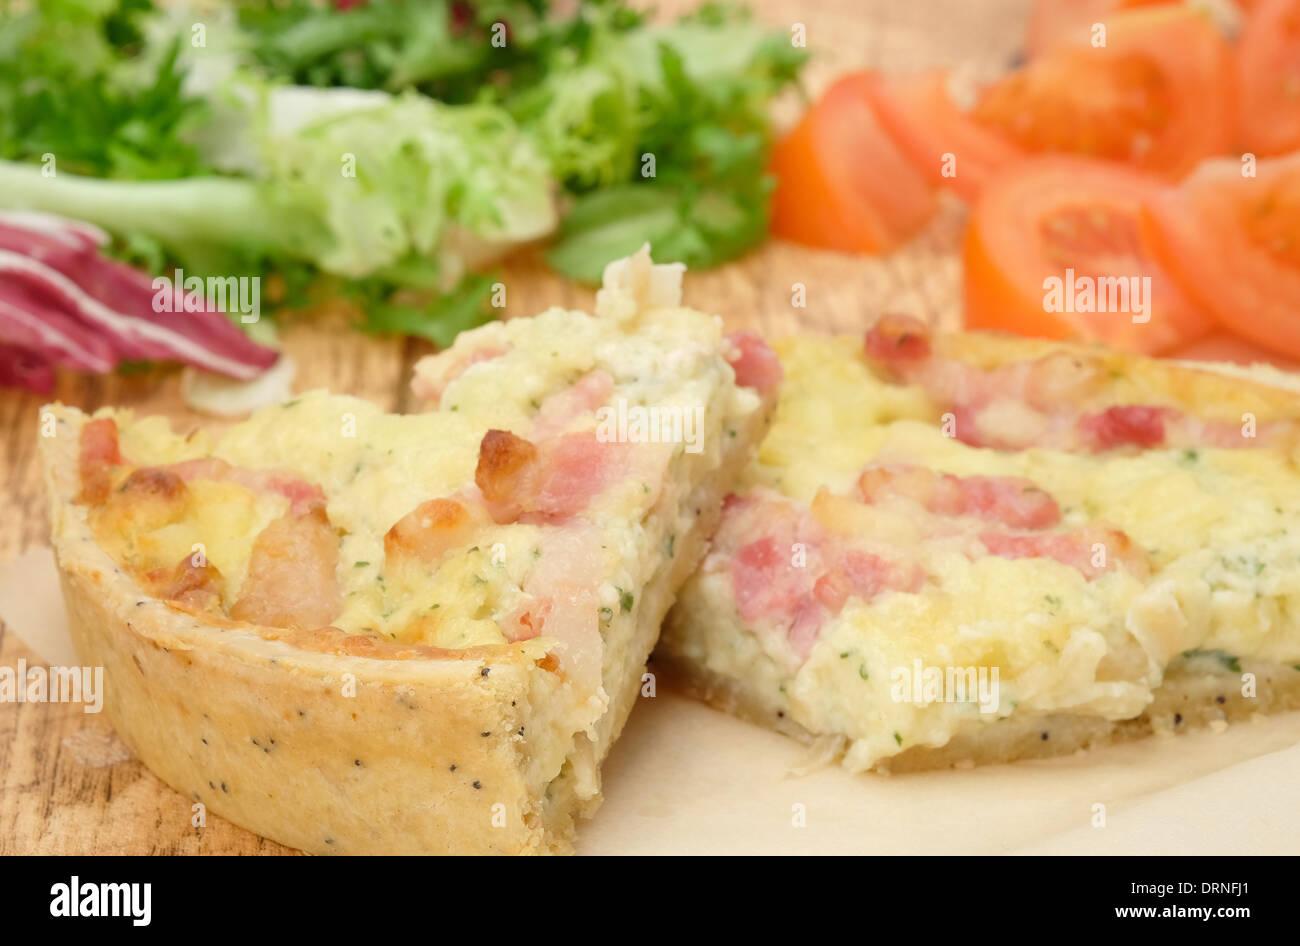 Queso y bacon Quiche Lorraine - Foto de estudio Imagen De Stock